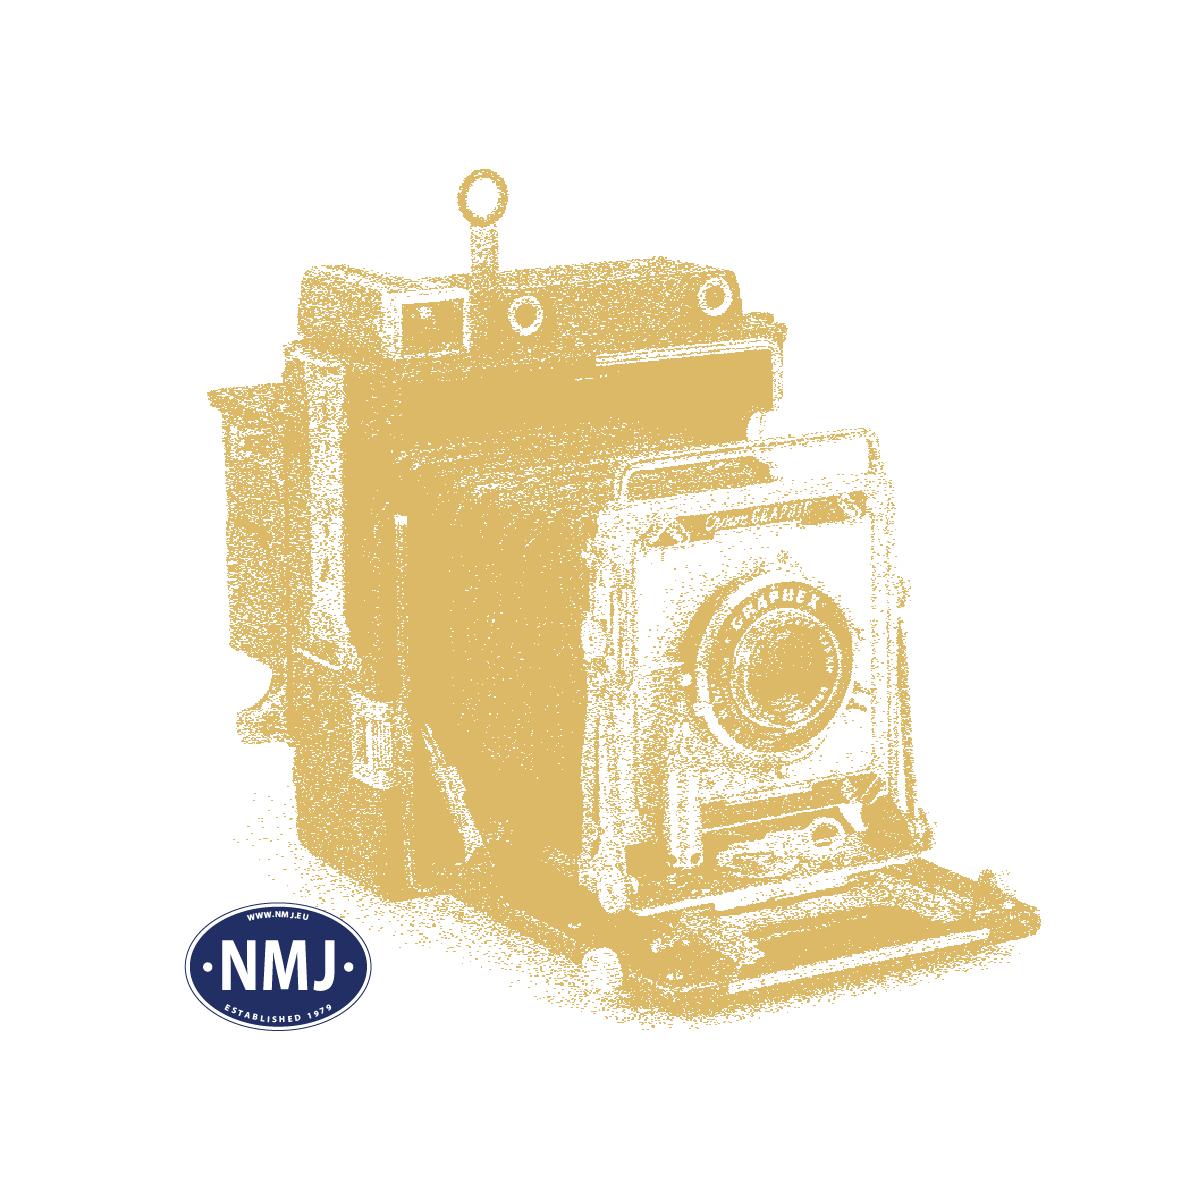 NMJT204.402 - NMJ Topline SJ B1K.5106, 2 kl. Personvogn, blå/sort design V.2